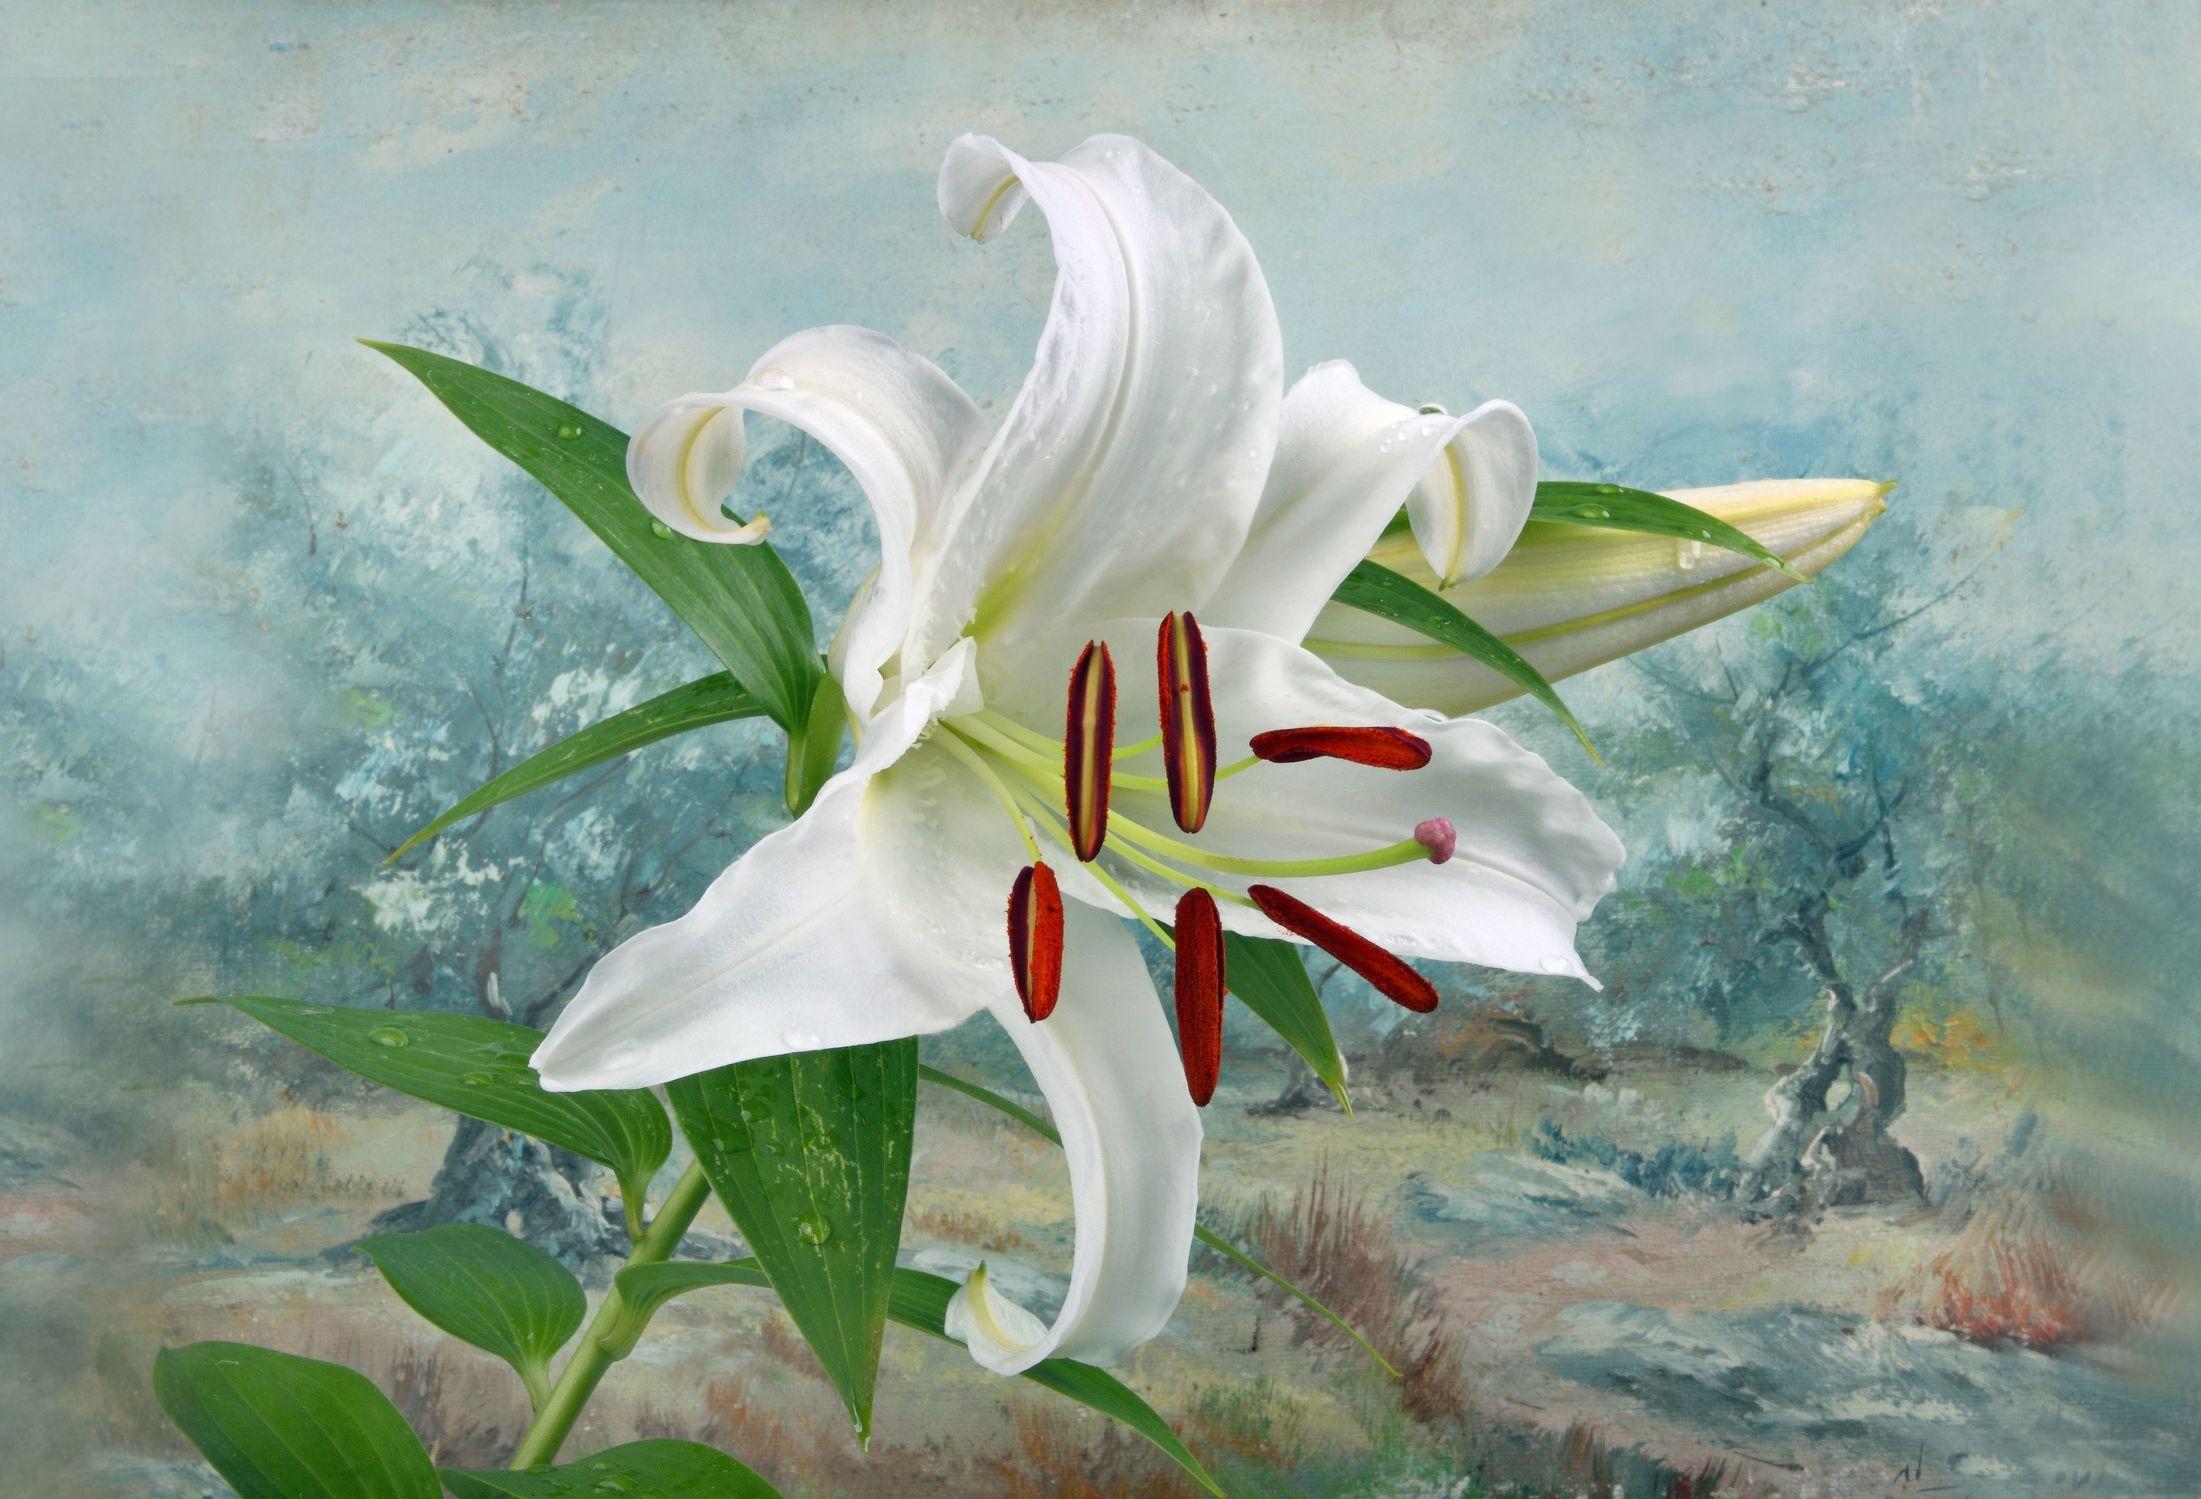 Bild mit Natur, Bäume, Blumen, Blume, Pflanze, Lilie, Floral, Toskana, Stilleben, Blüten, Florales, blüte, toscana